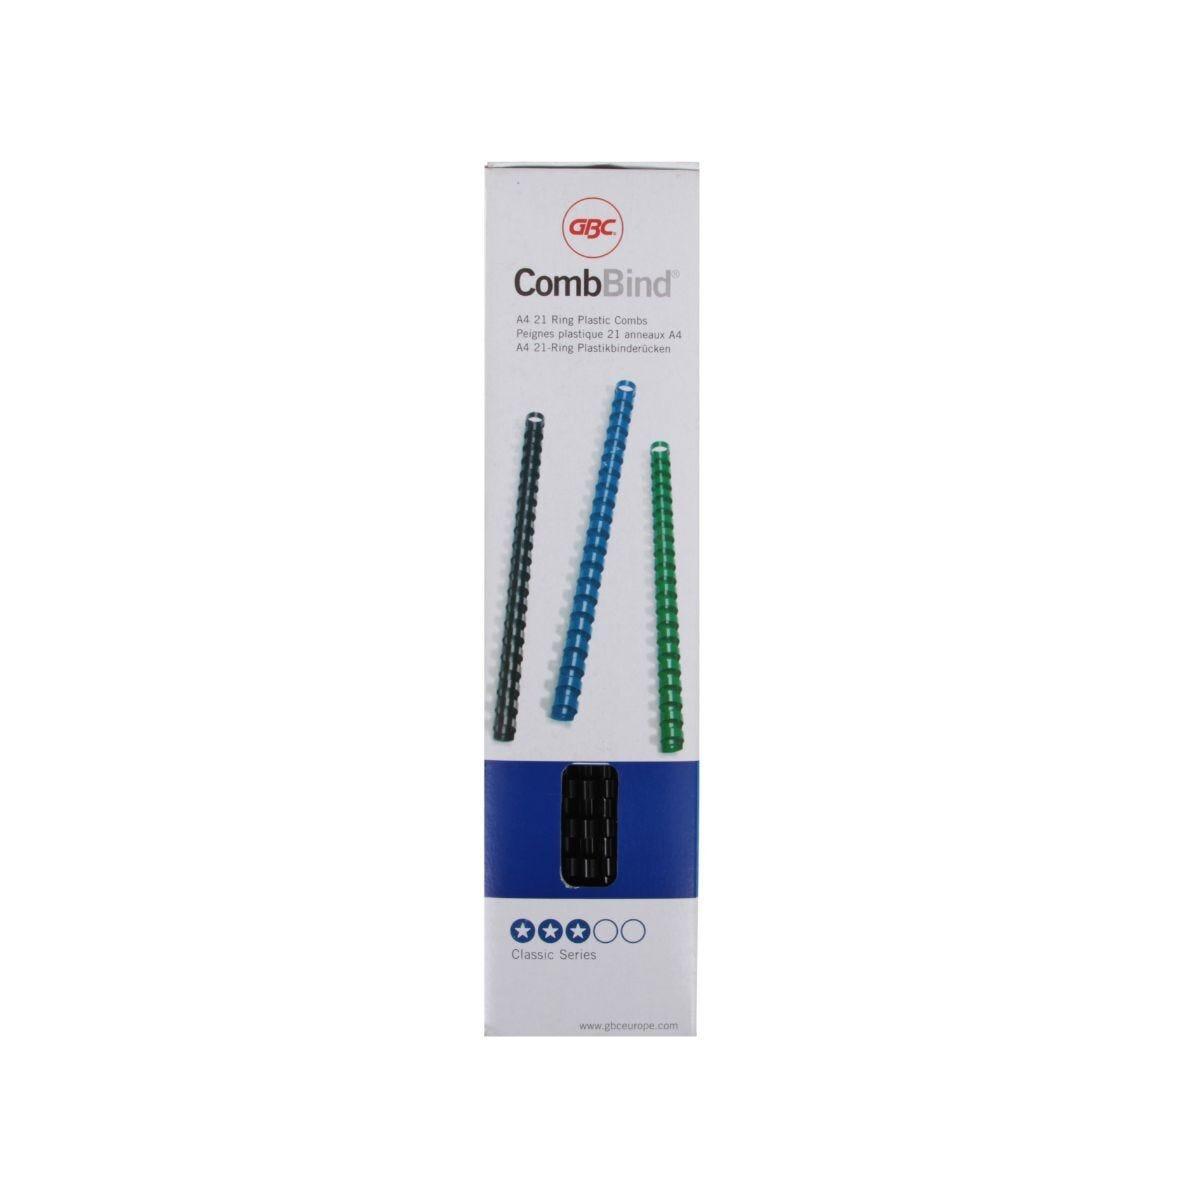 GBC Comb Bindings 6mm BX 100